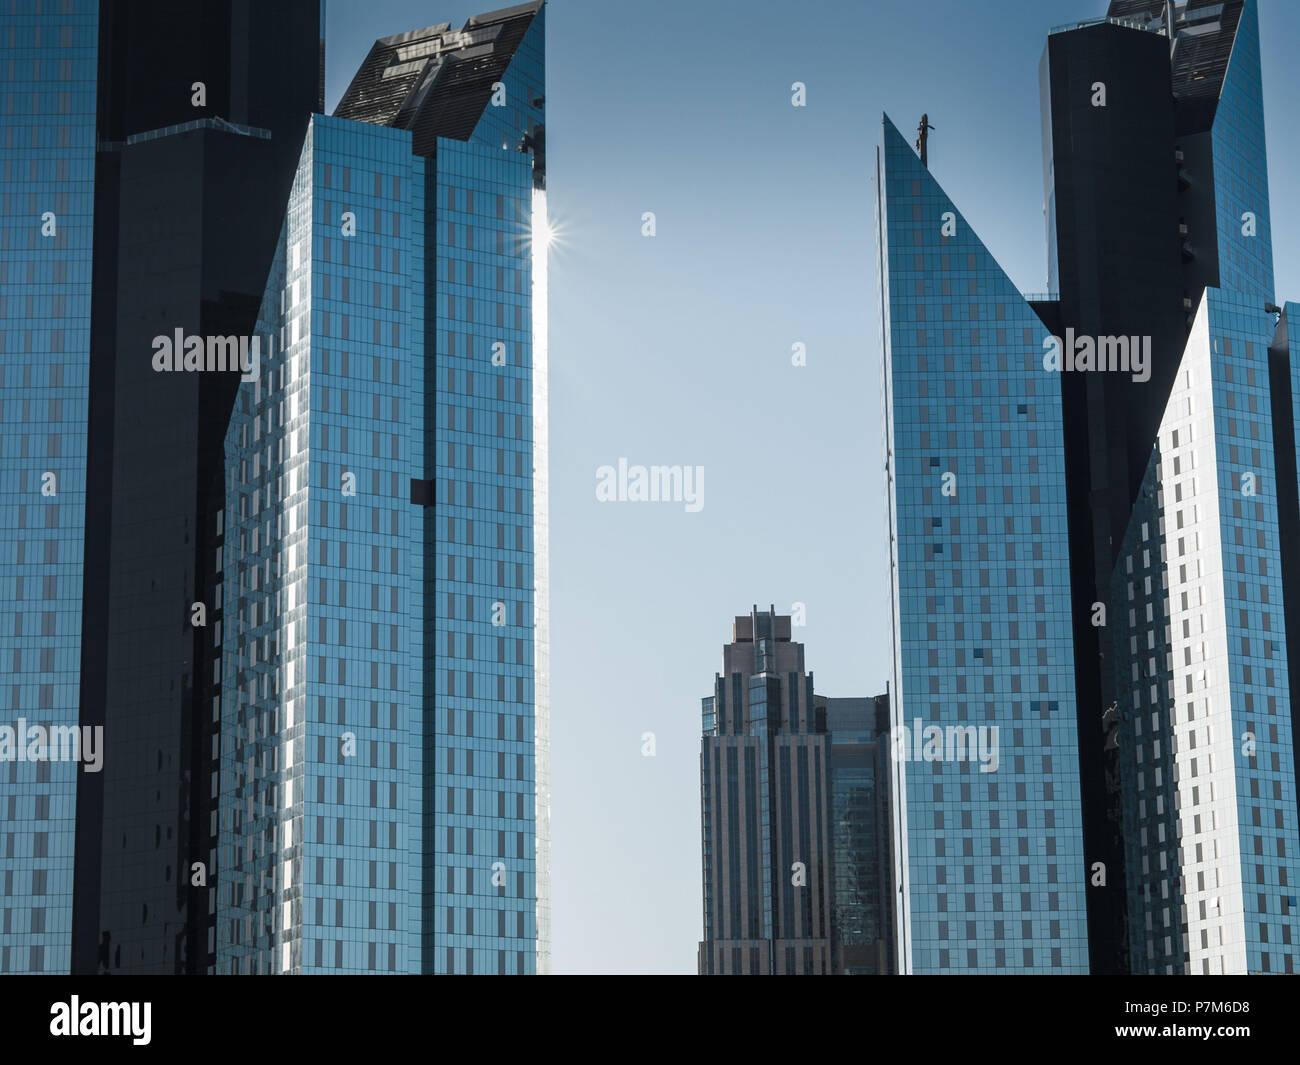 Dettaglio colpo di moderna architettura futuristica facciata con la luce del sole, Dubai, Emirati Arabi Uniti Immagini Stock